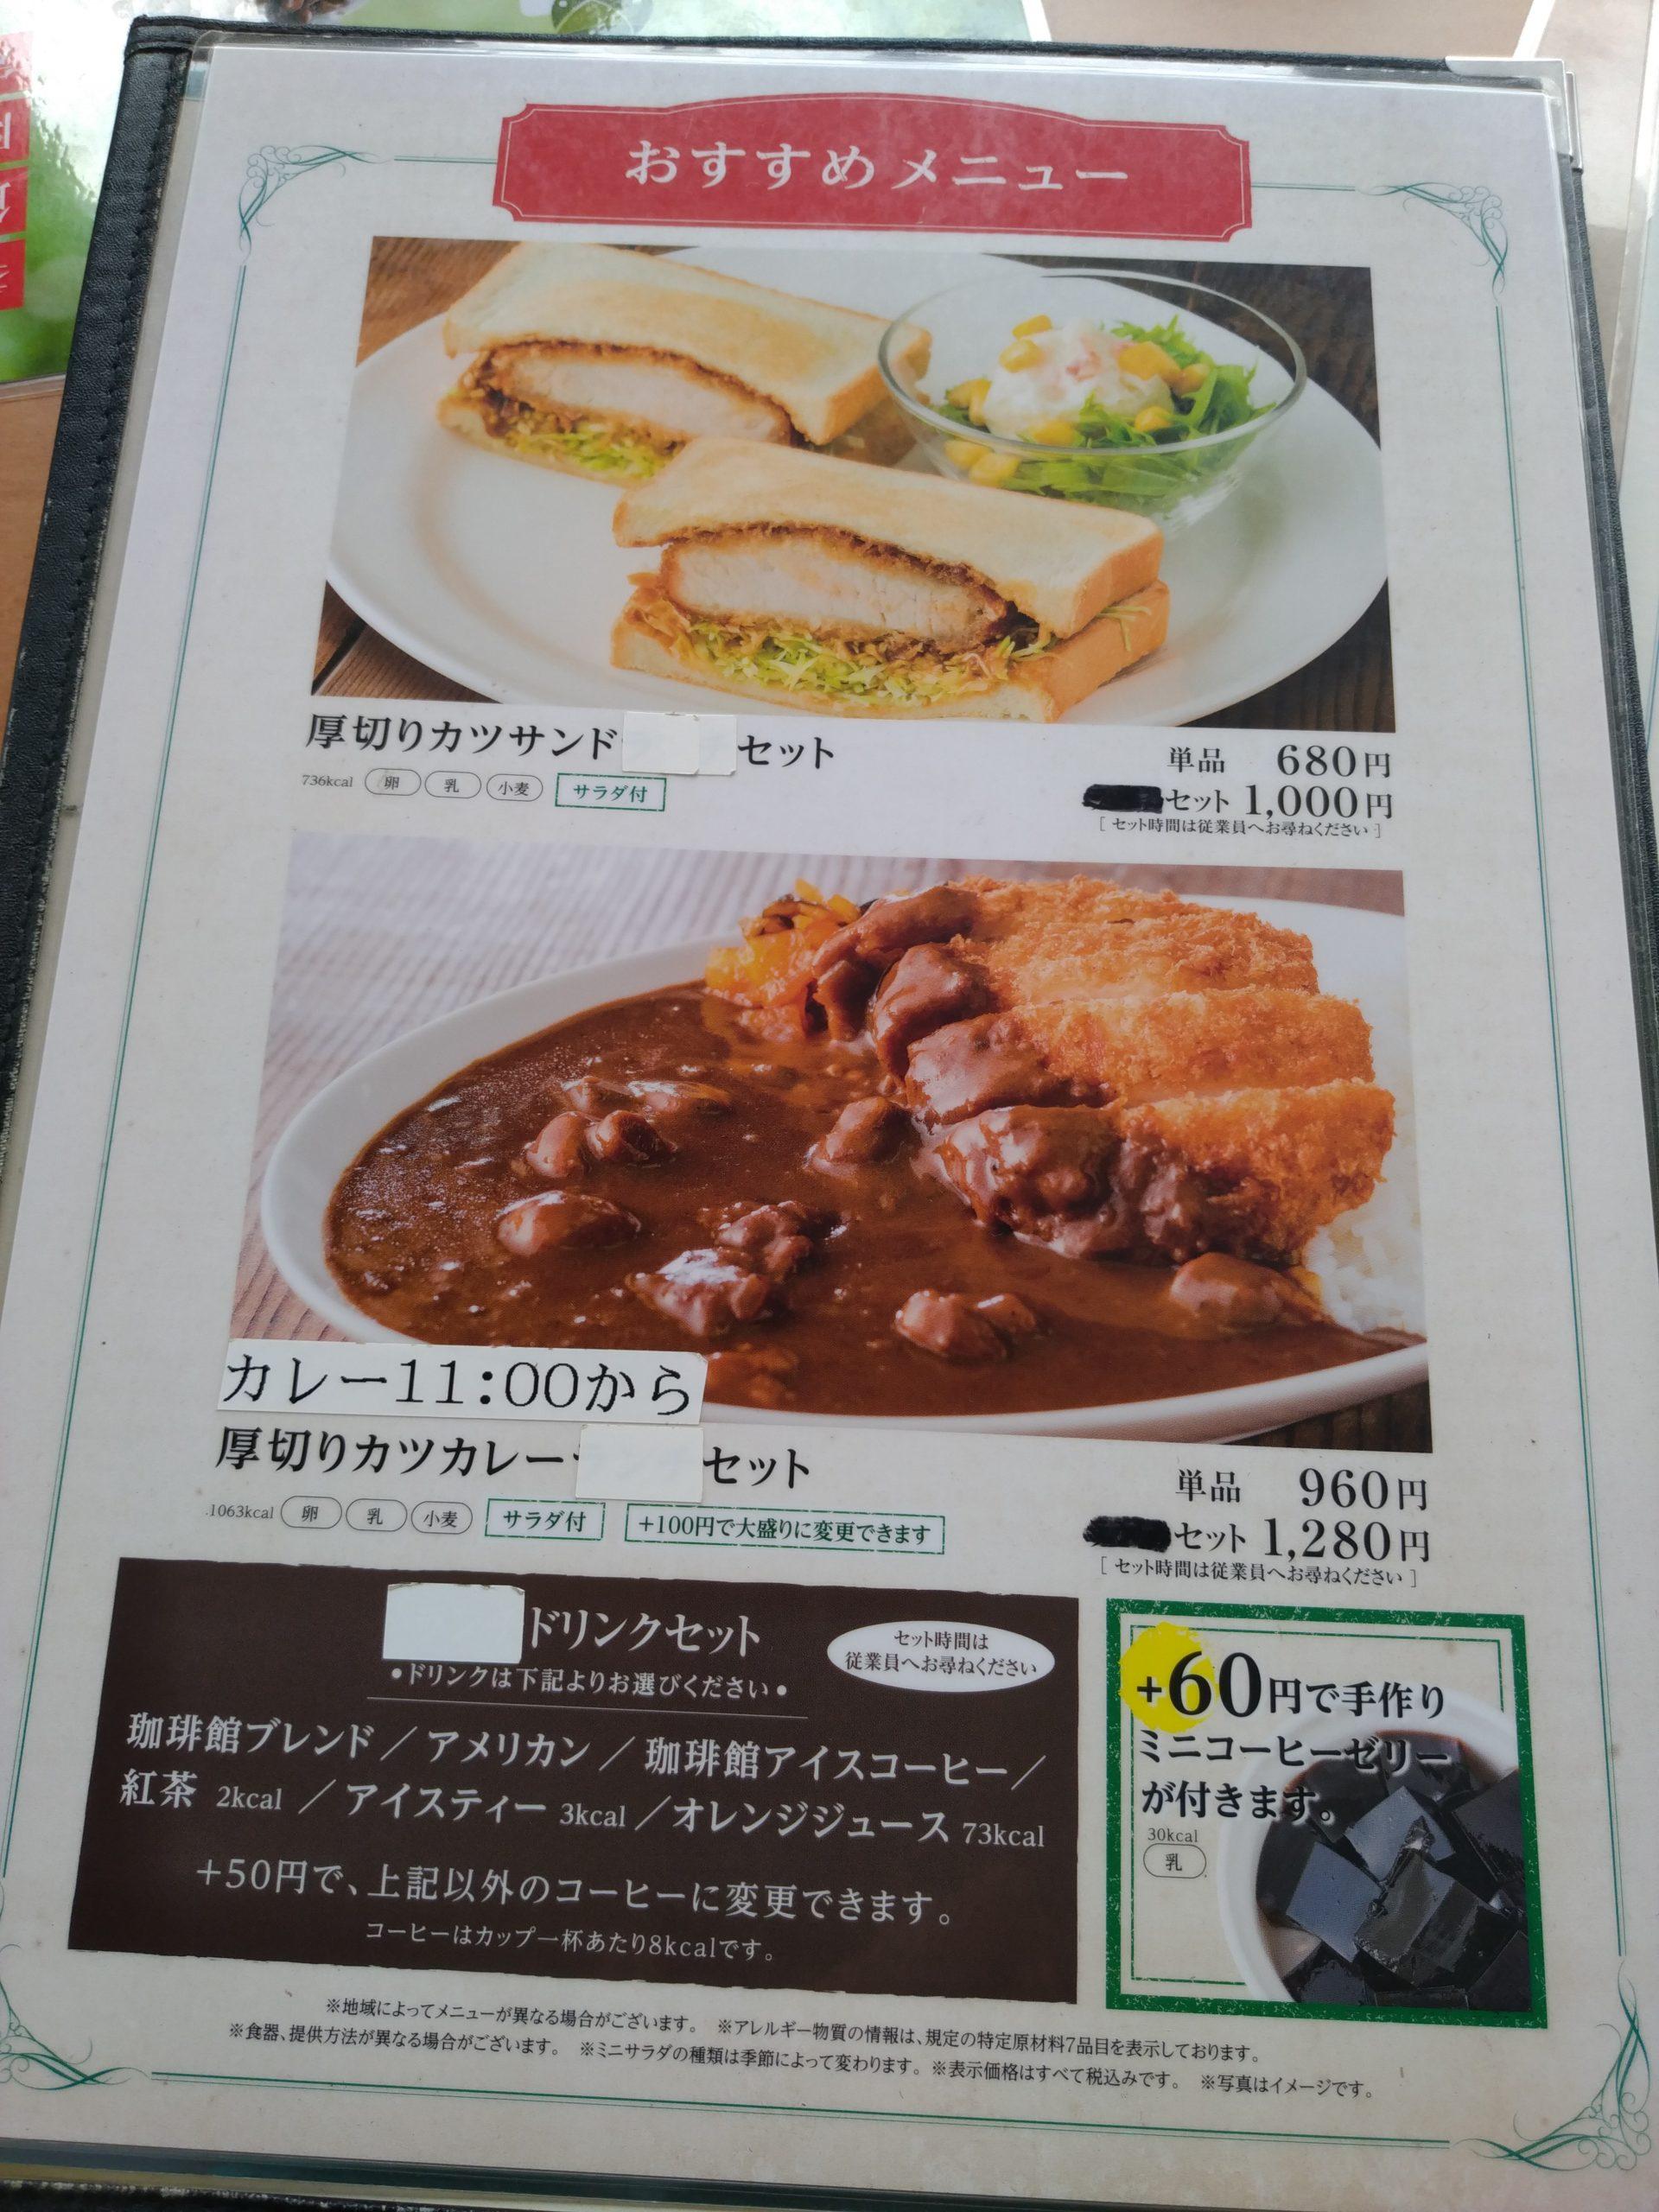 厚切りシナモントースト 珈琲館 おすすめメニュー